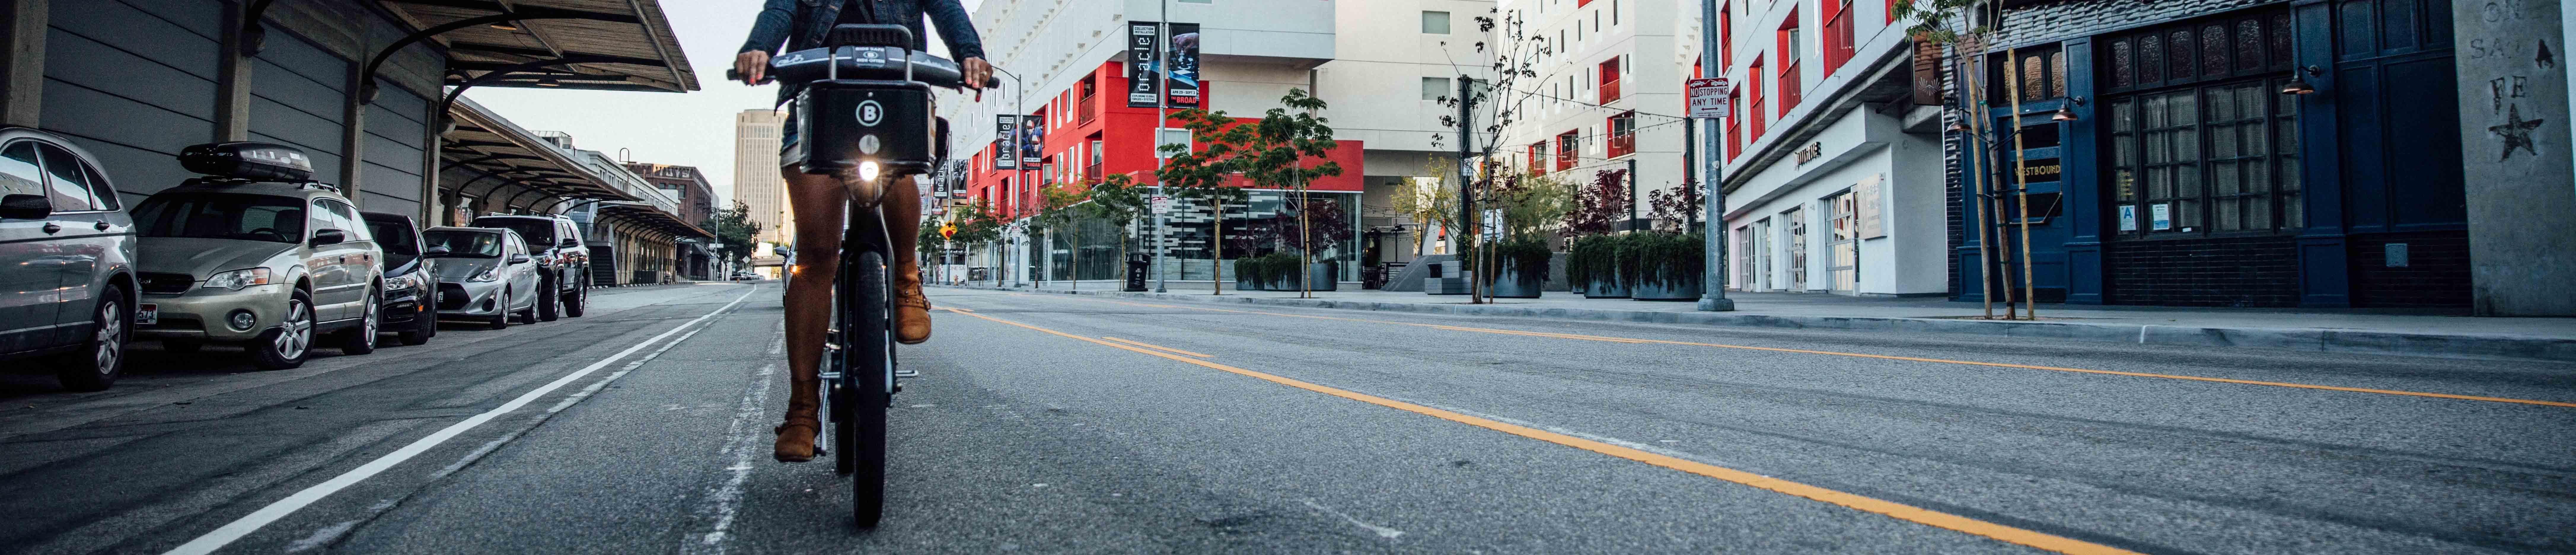 Metro Bike_Grand Ave